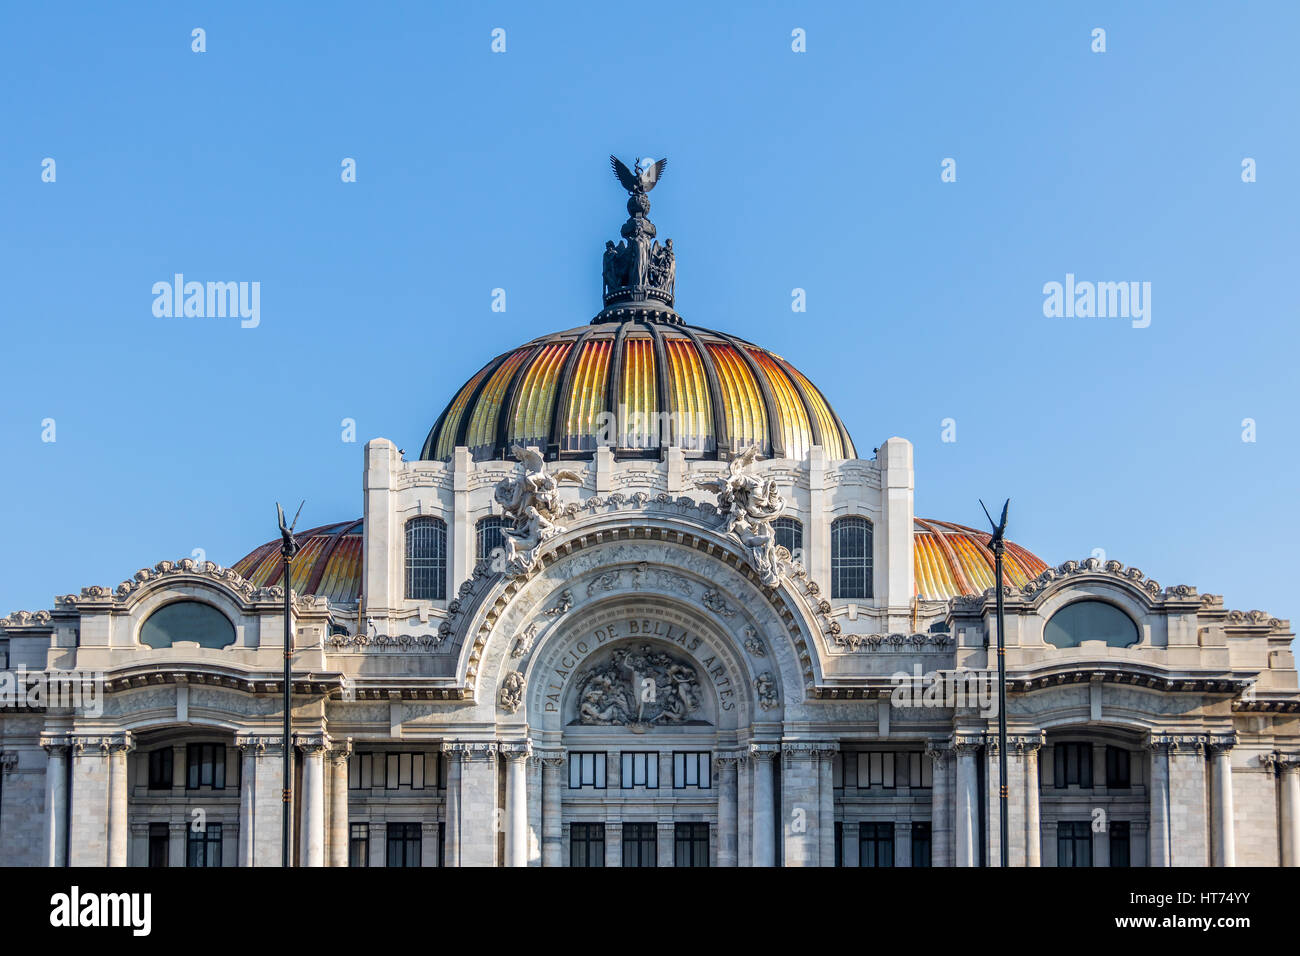 Palacio de Bellas Artes (Fine Arts Palace) - Mexico City, Mexico - Stock Image